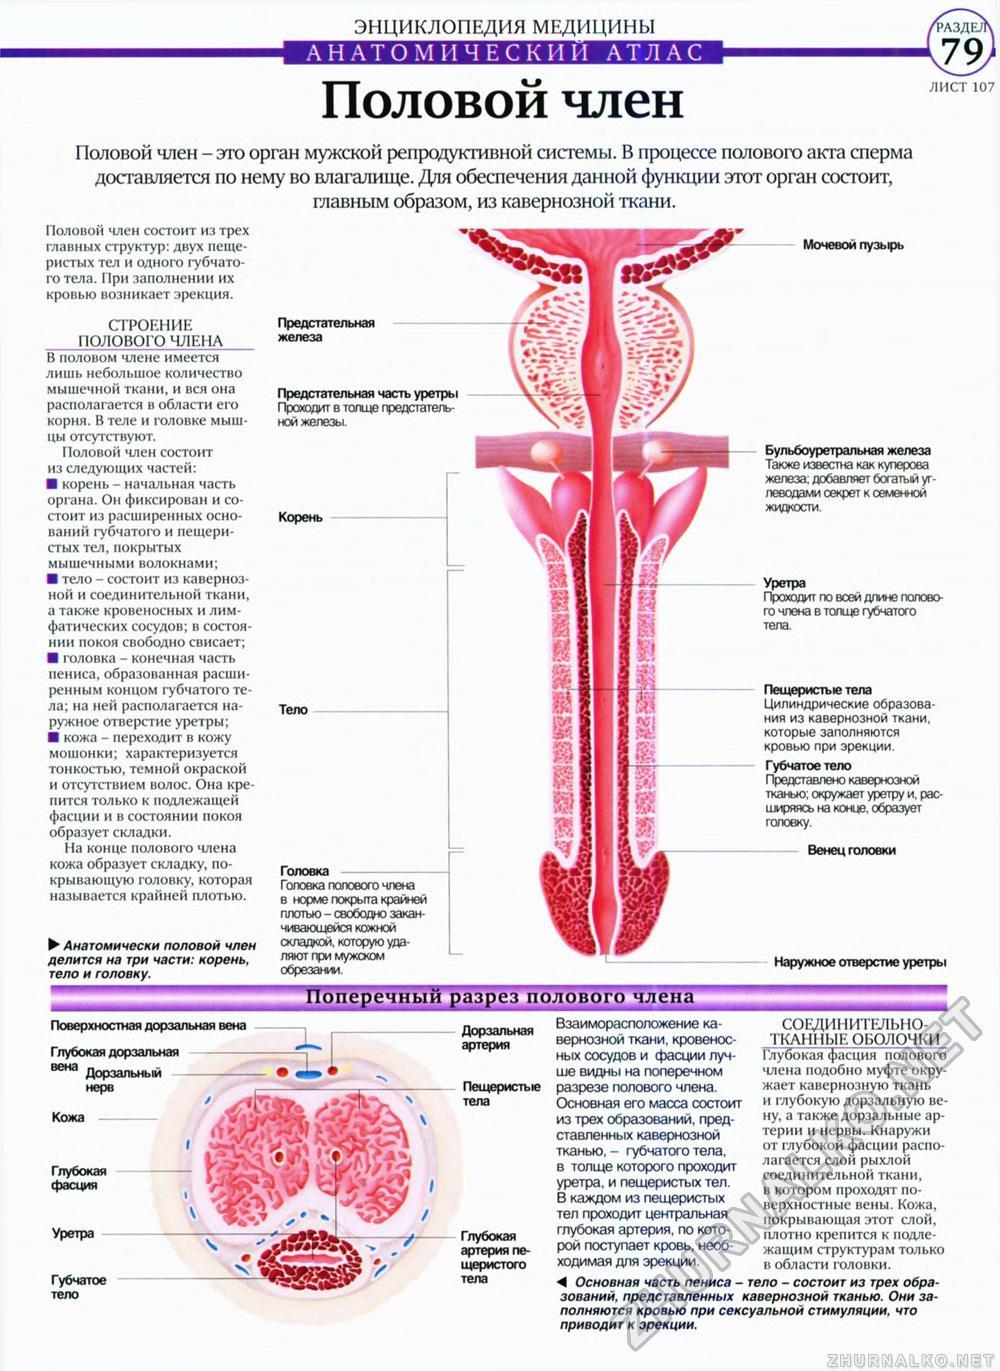 физиология полового члена